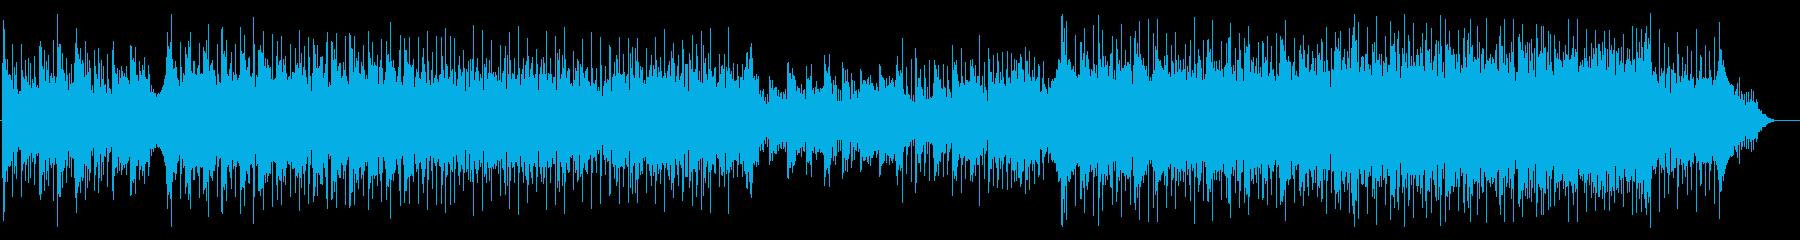 爽やか エレクトロ ポップ 4つ打ちの再生済みの波形